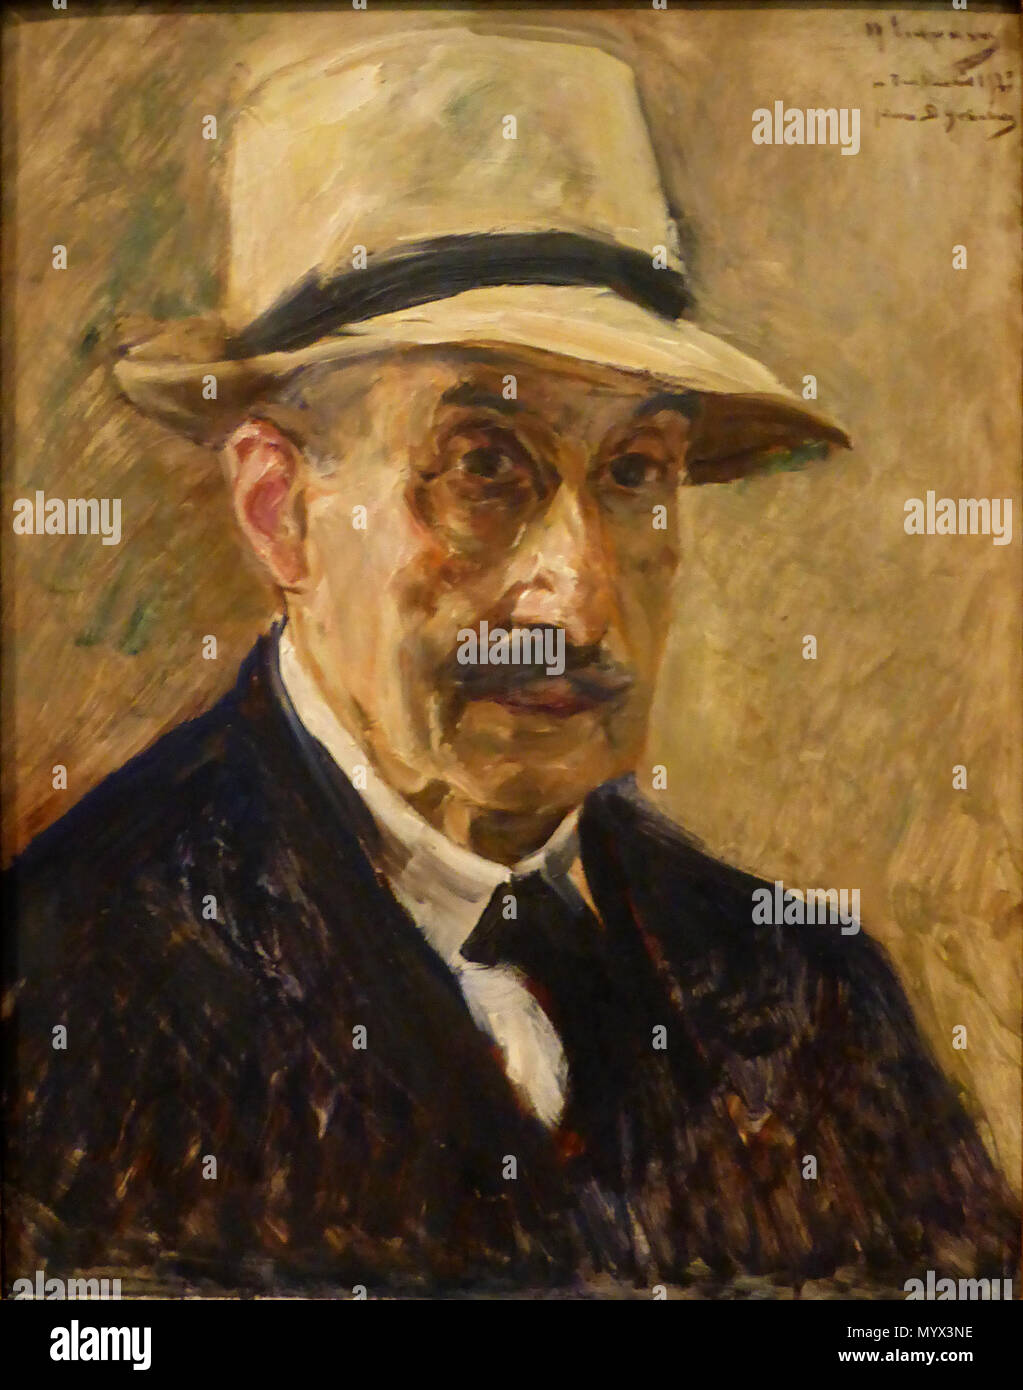 70 Max Liebermann, Selbstporträt, 1929 - Stock Image